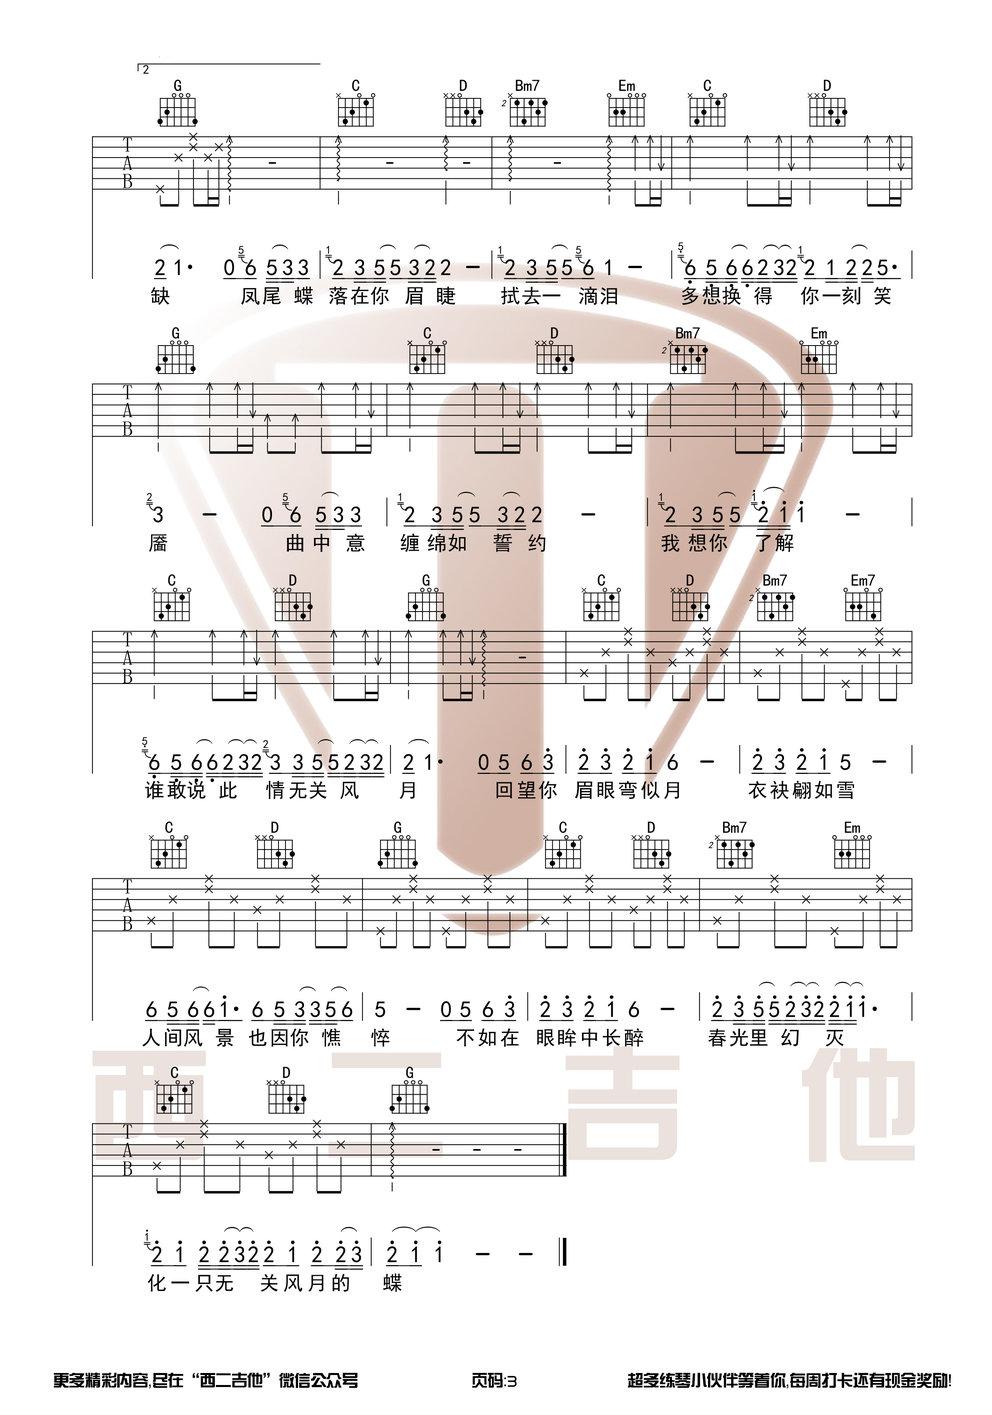 落-佚名-图片吉他谱-3